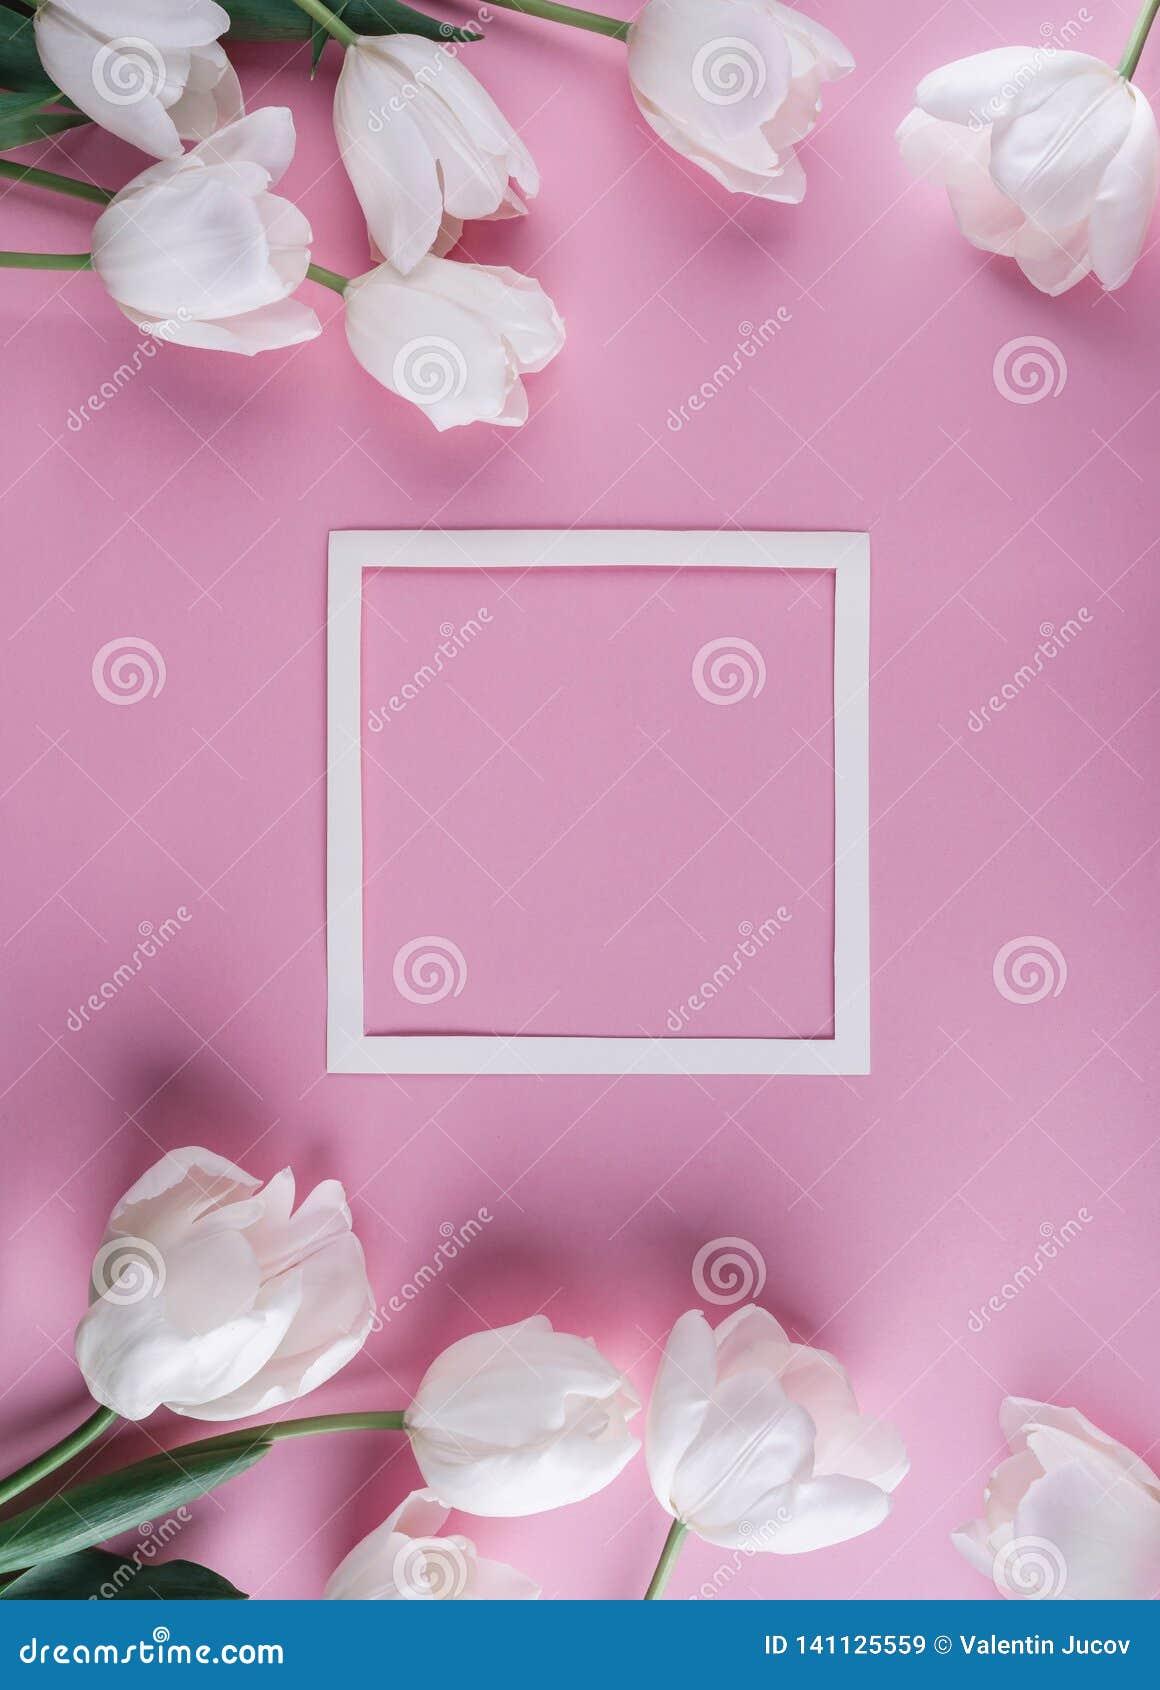 Άσπρα λουλούδια τουλιπών και φύλλο του εγγράφου πέρα από το ανοικτό ροζ υπόβαθρο Κάρτα για την ημέρα μητέρων, στις 8 Μαρτίου, ευτ